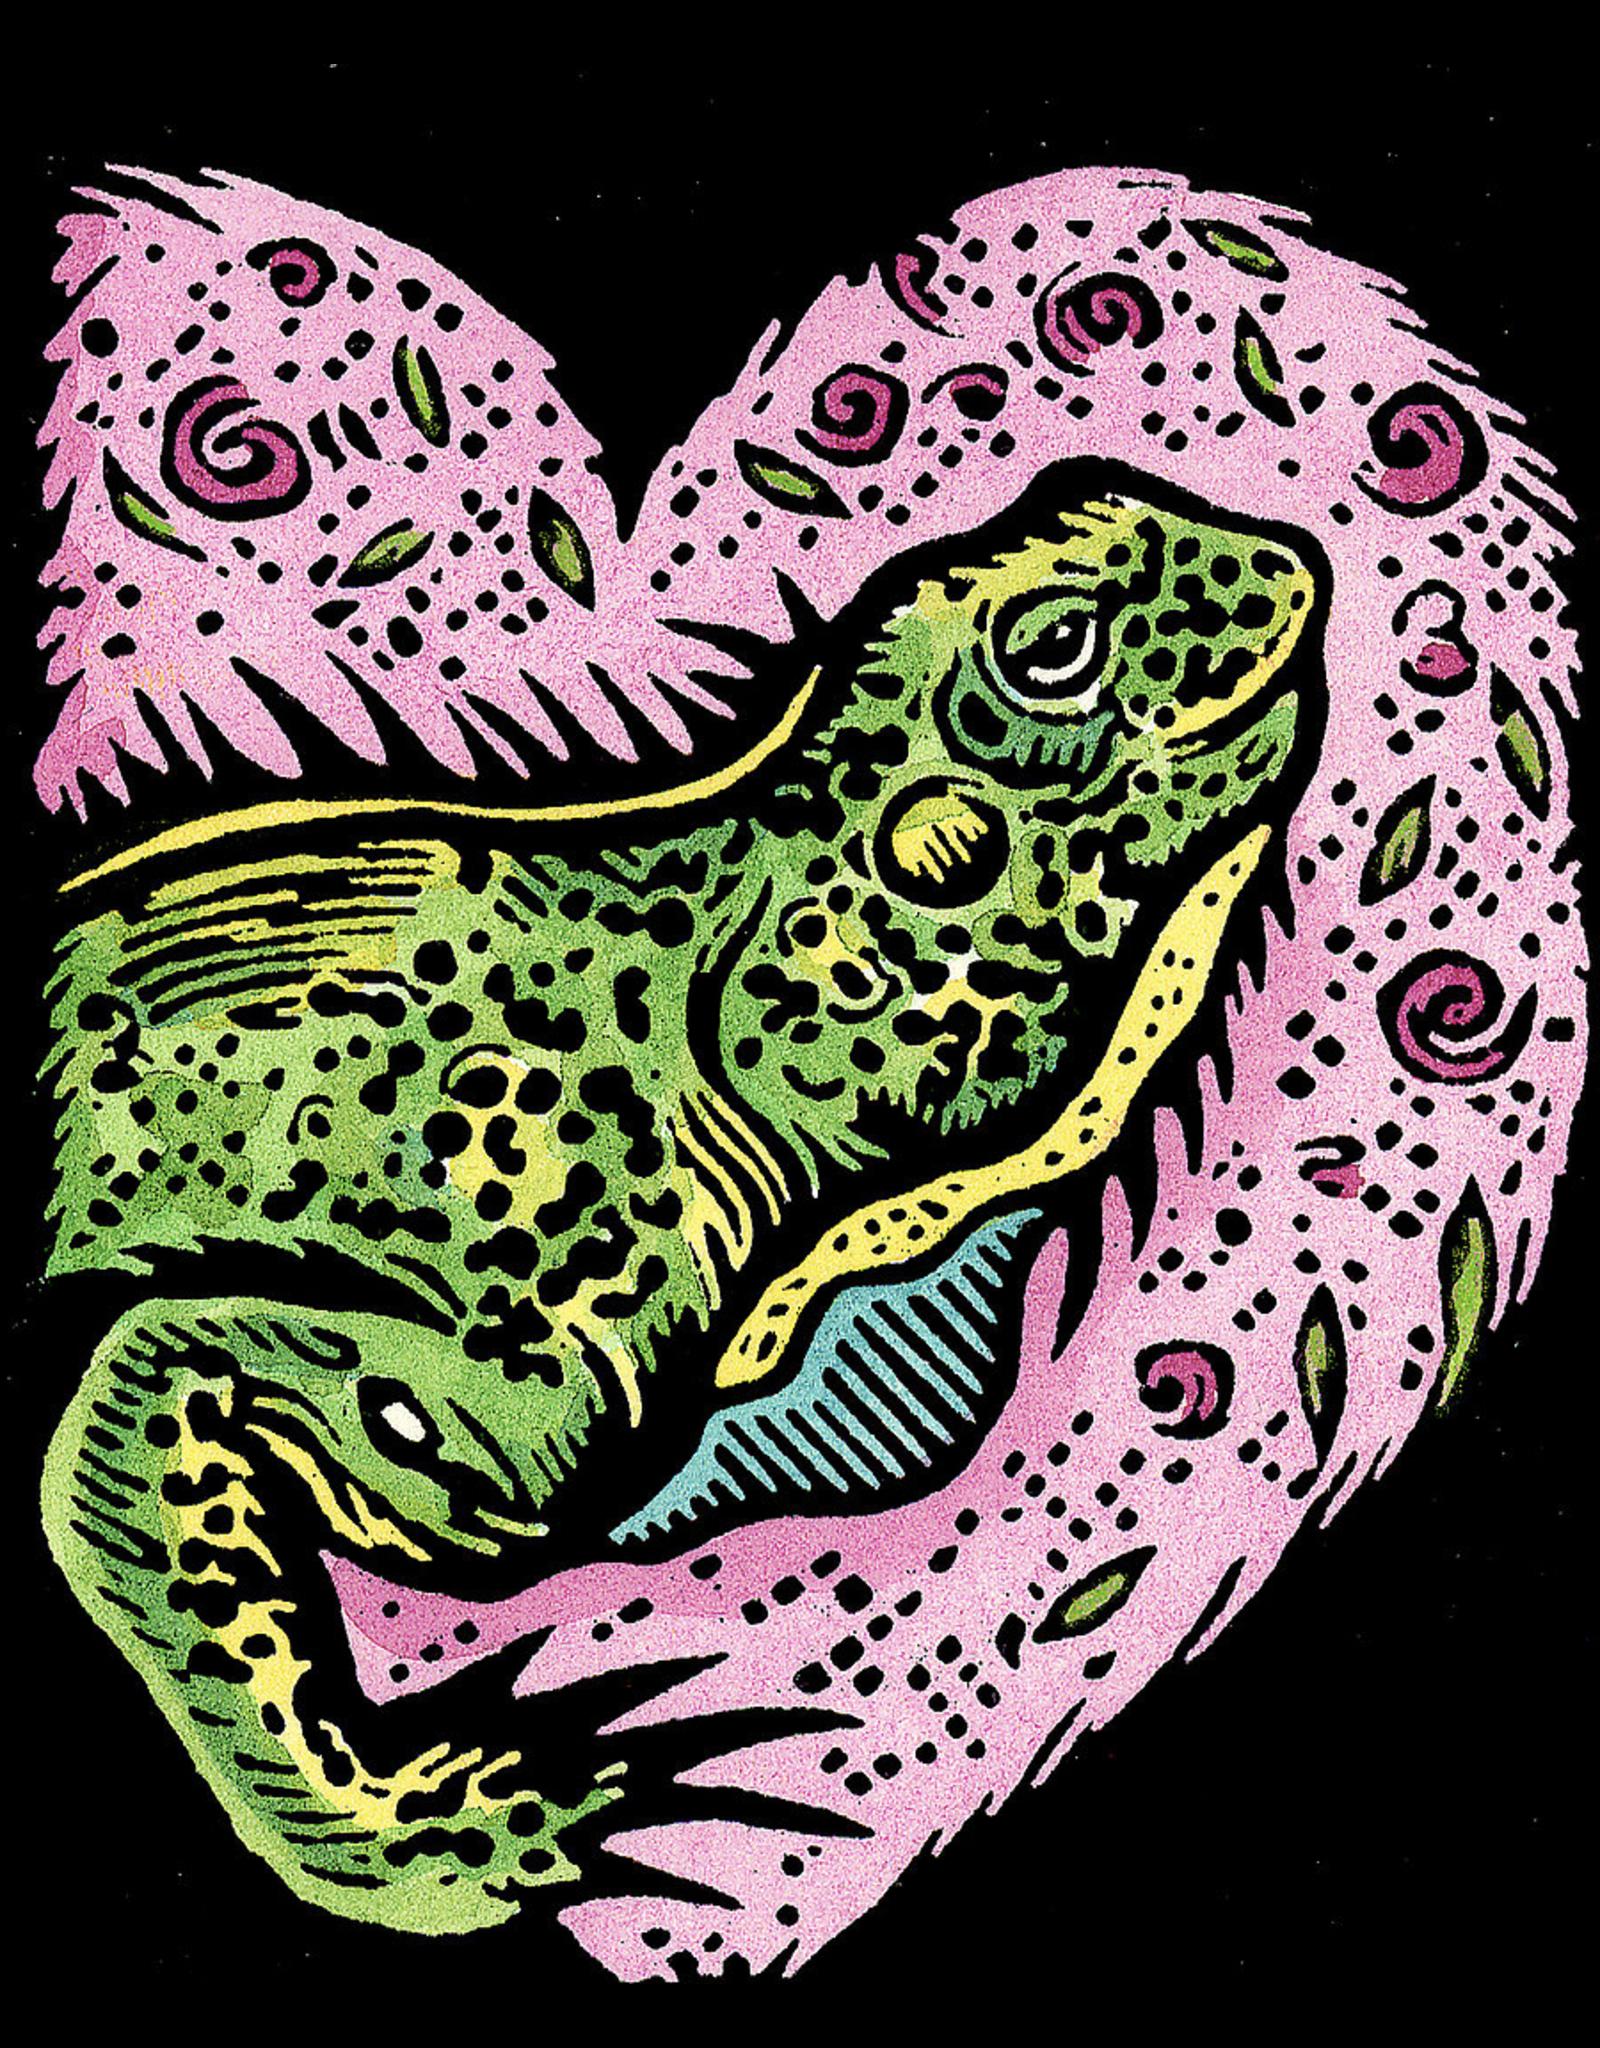 Evon Zerbetz Iguana Bask in Your Love (#90) | Evon Zerbetz